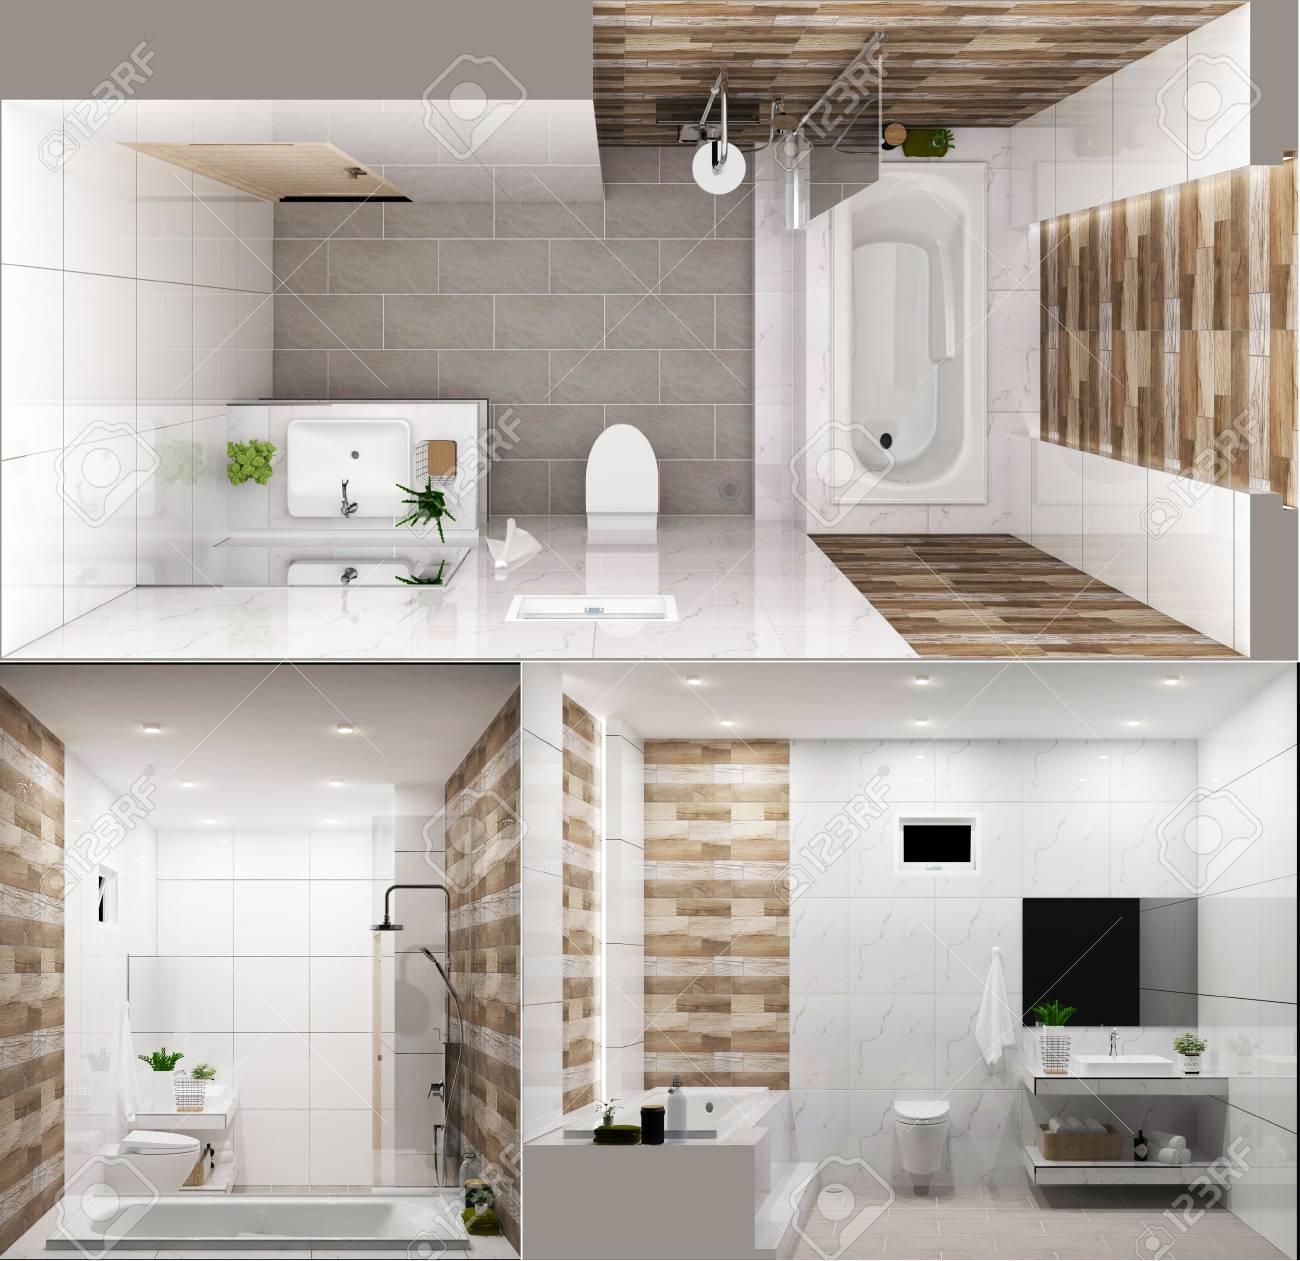 Zen design bathroom wooden wall and floor - japanese style. 3D.. on japanese red bathroom, japanese design bathroom, japanese stone bathroom, japanese minimalist bathroom, japanese wood bathroom, japanese themed bathroom, japanese garden bathroom, japanese modern bathroom, japanese home bathroom, japanese bathroom sink, japanese spa bathroom,